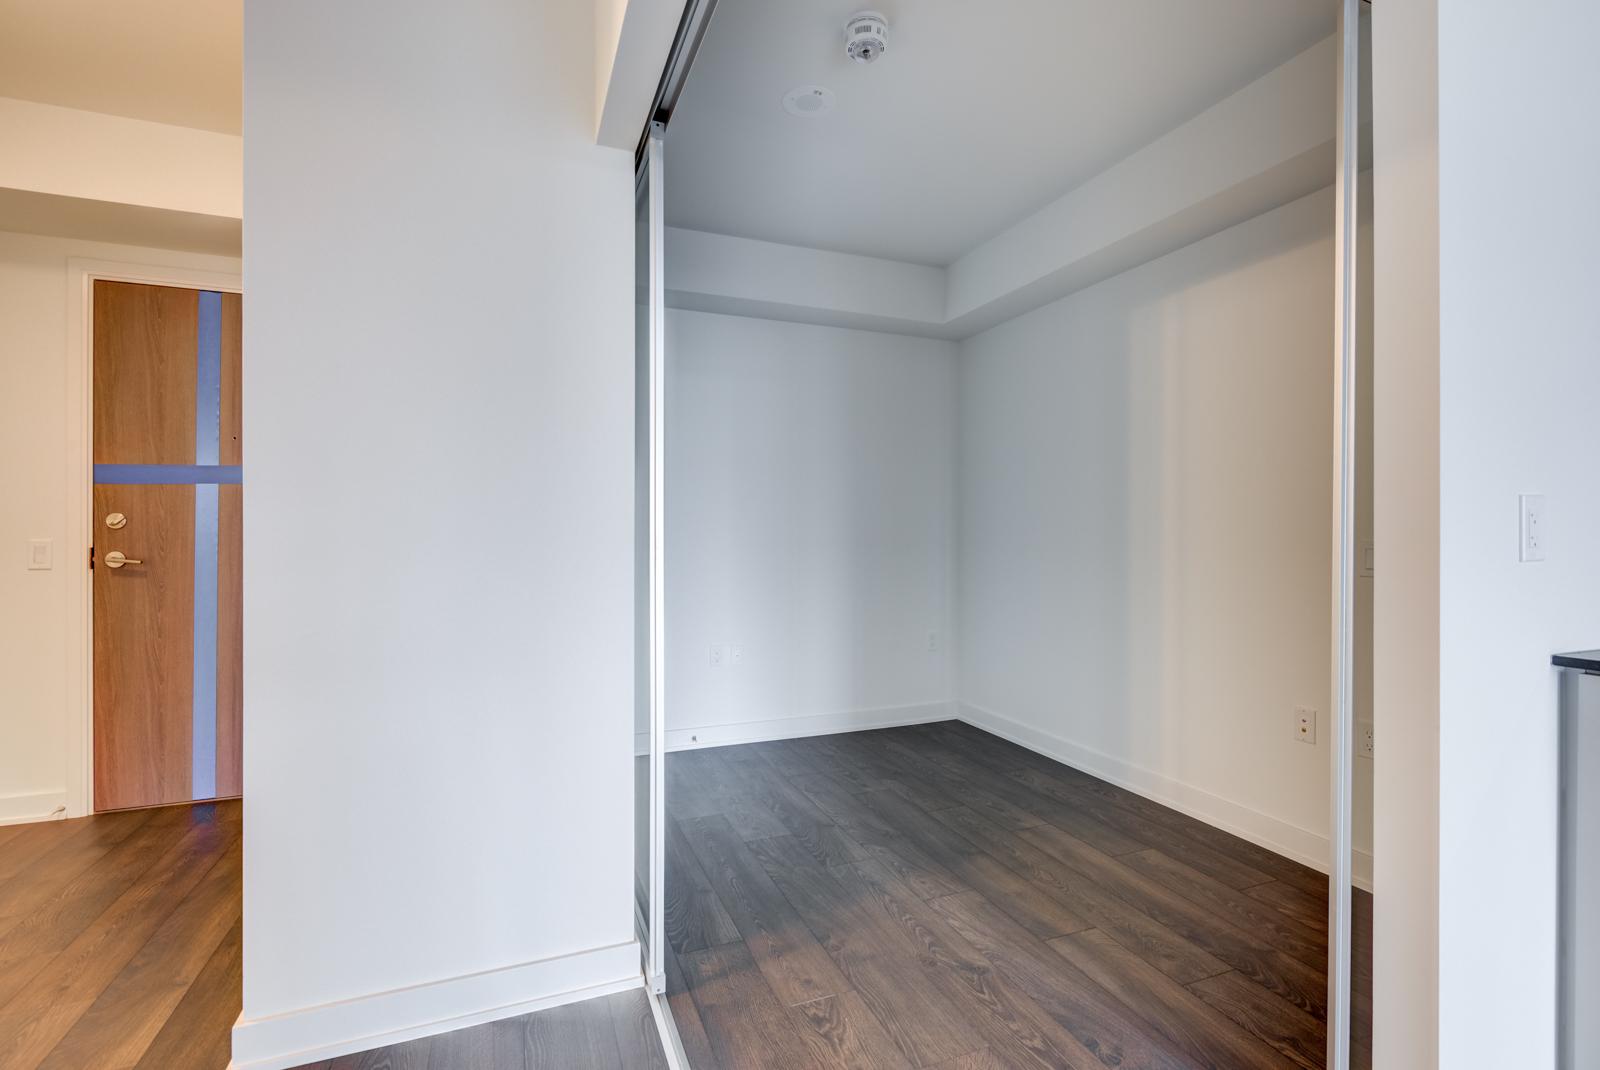 27 Bathurst St Unit 308 second bedroom next to front entrance.